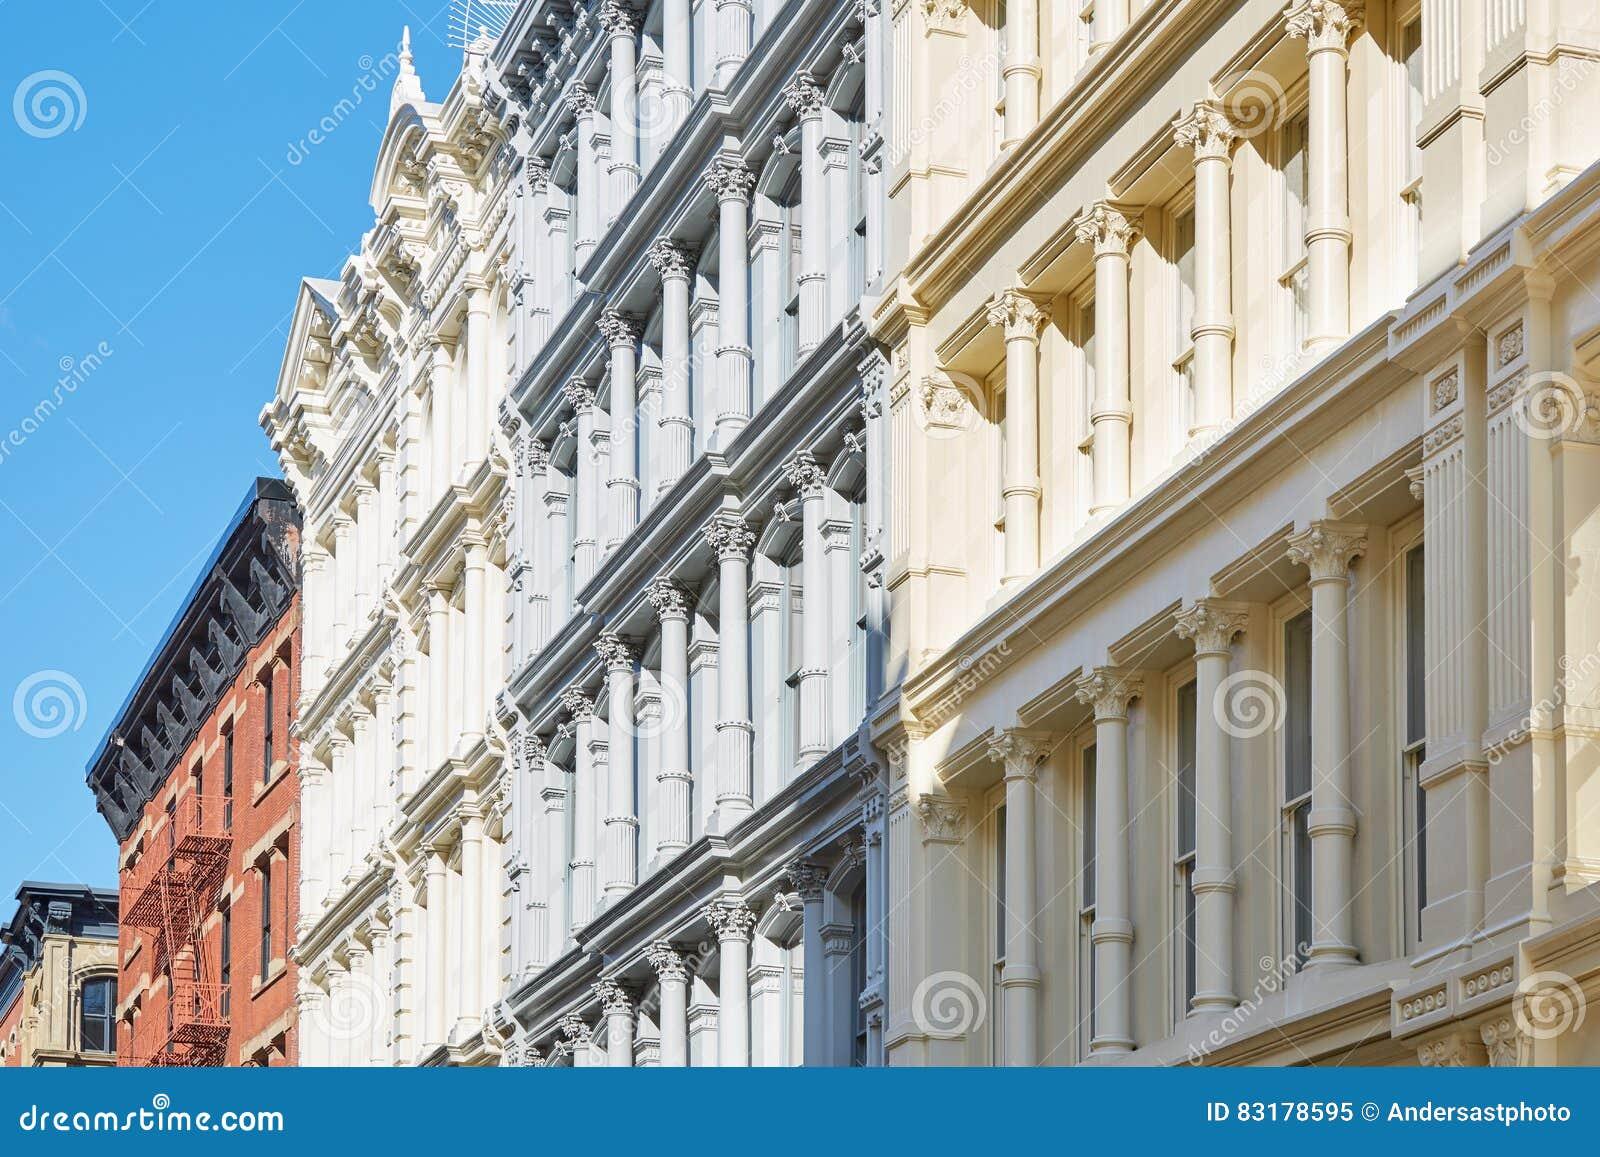 Fachadas Antiguas De Las Casas En Nueva York Dia Soleado Imagen De - Fachadas-antiguas-de-casas